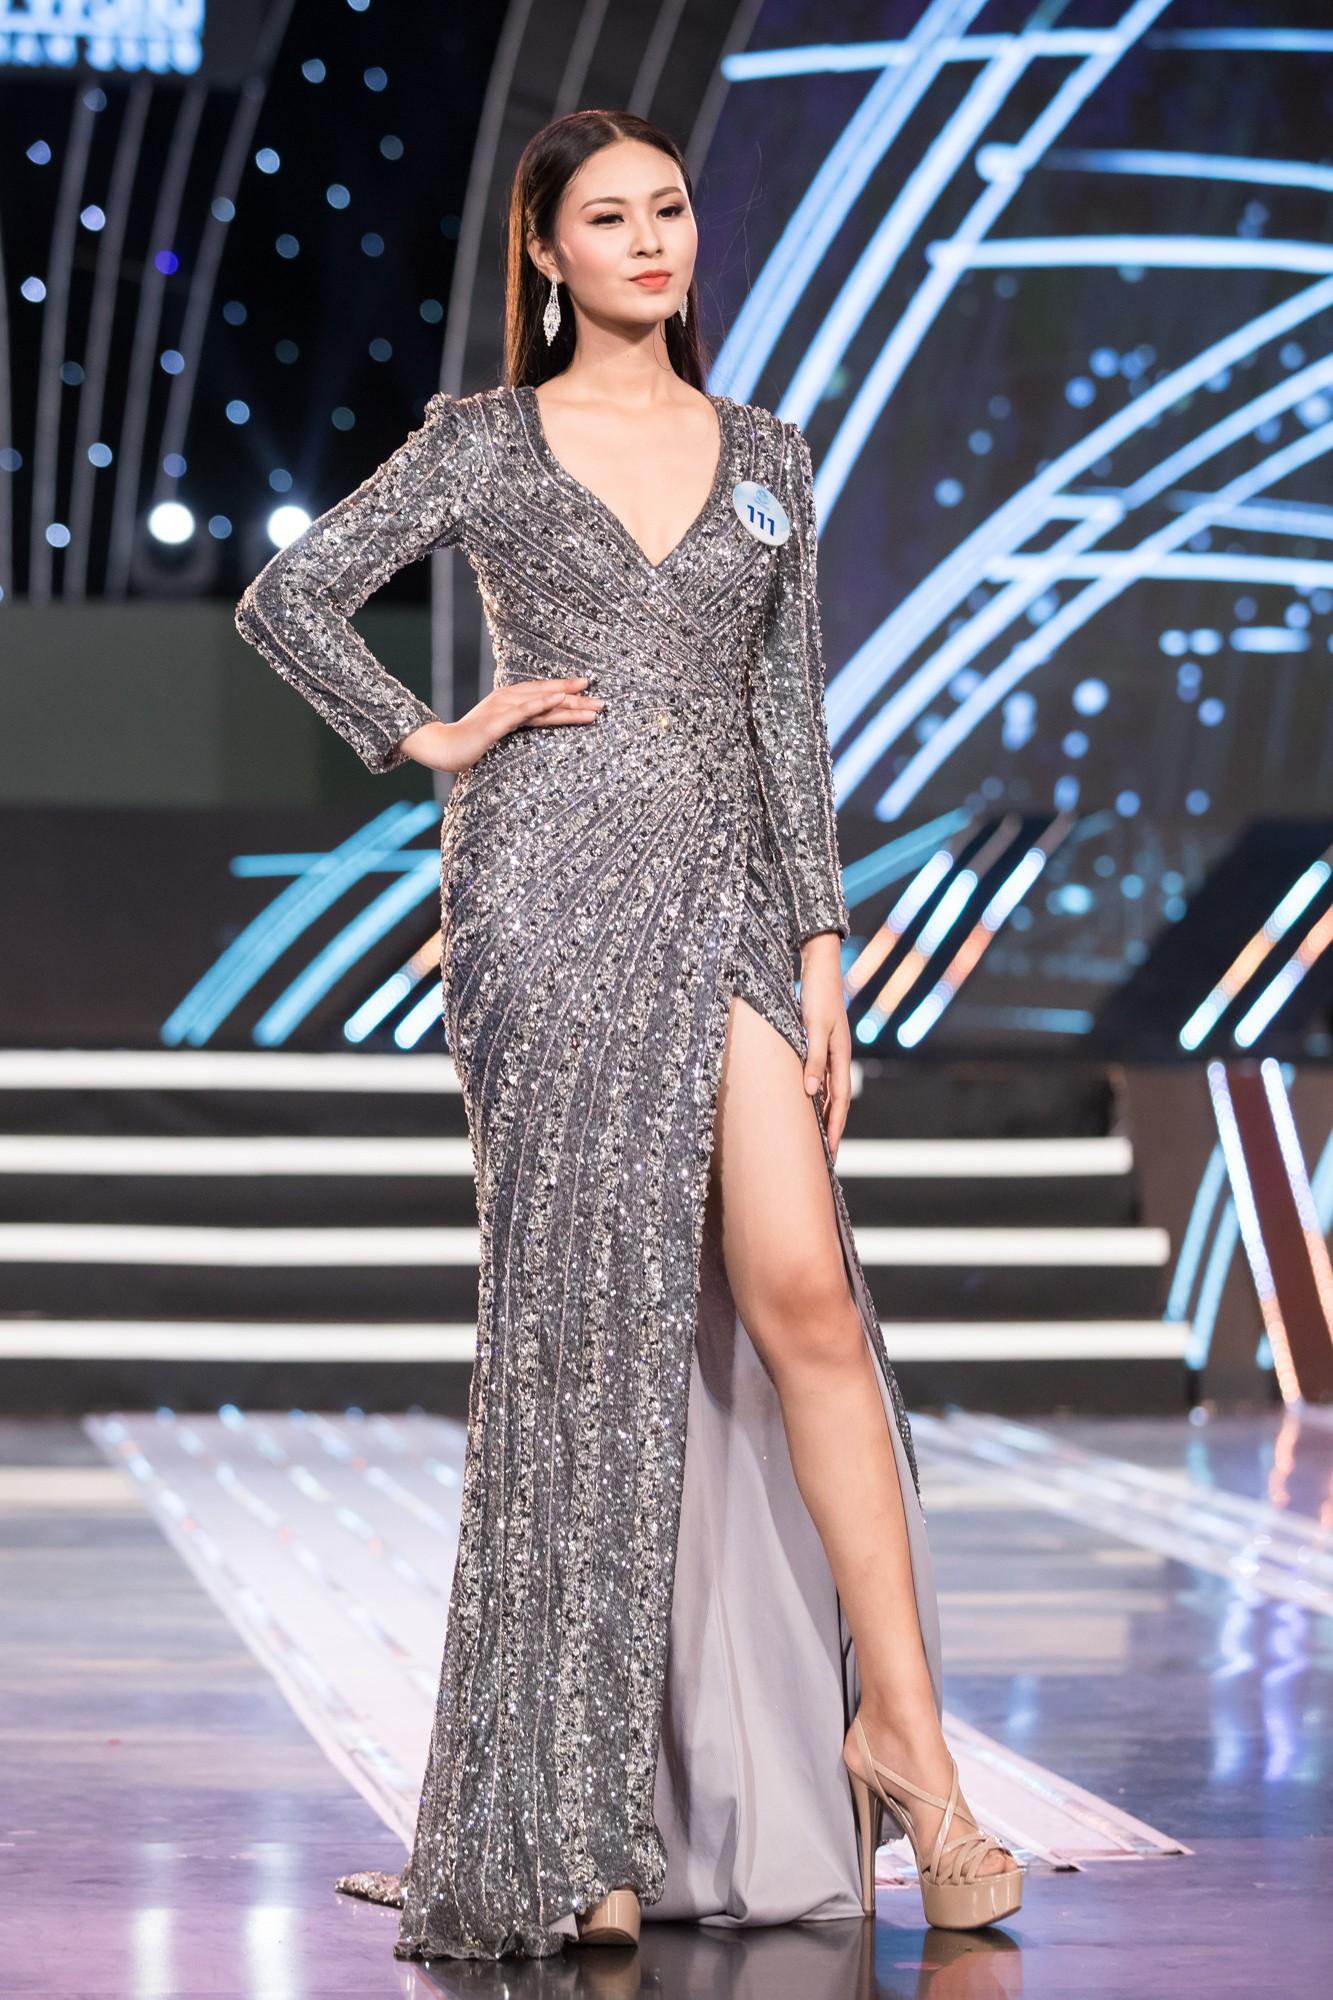 Soi nhan sắc 20 cô gái phía Bắc vừa lọt Chung kết Miss World VN: Thí sinh mặt đẹp nhất lại lộ vóc dáng đô con, thiếu đường cong-17